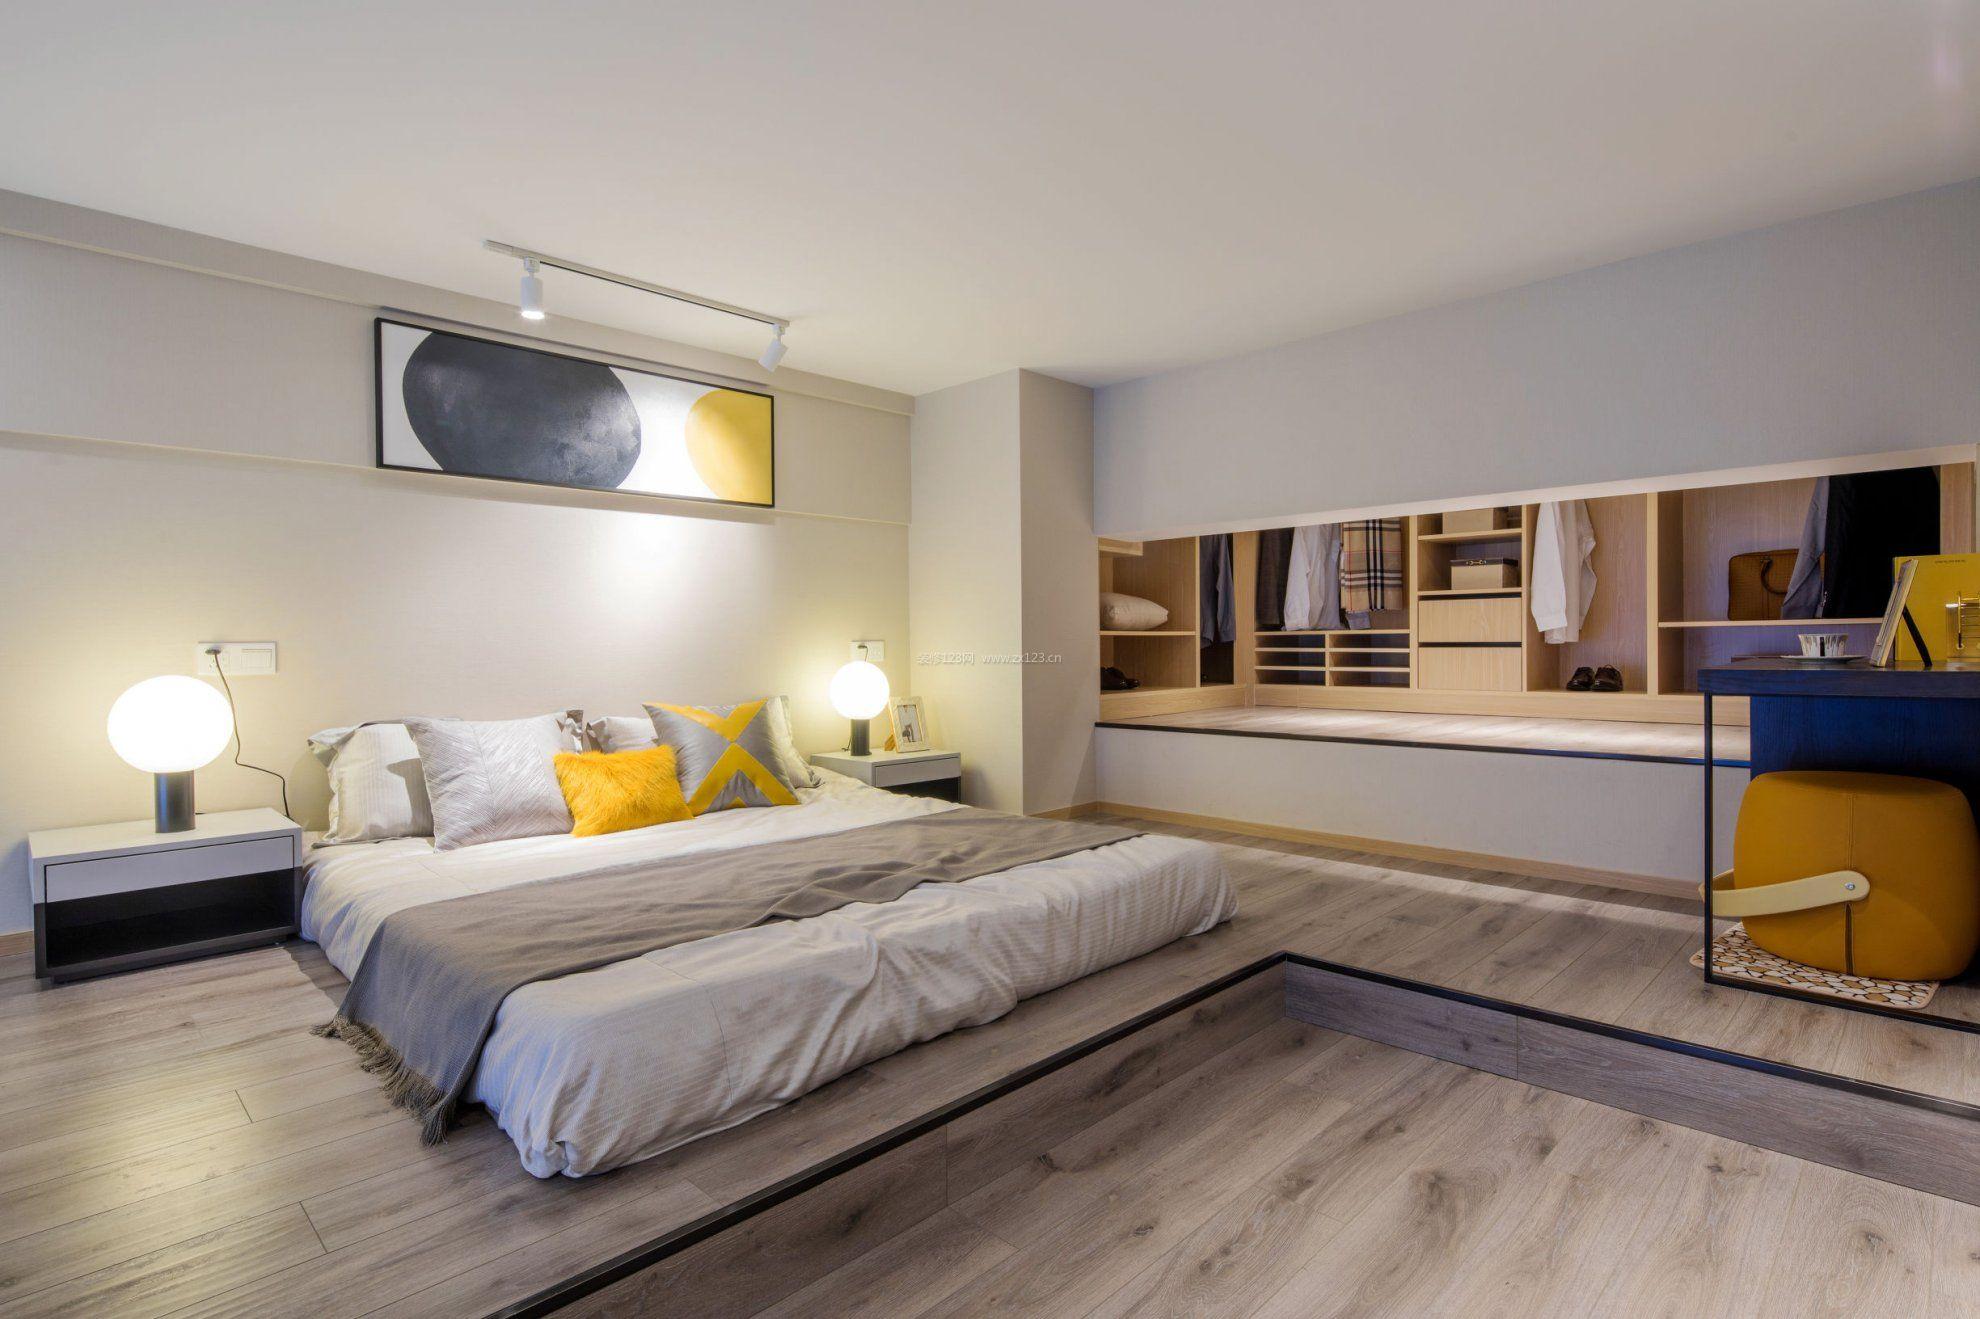 单身公寓小户型房屋卧室衣帽间平面设计图_装修123